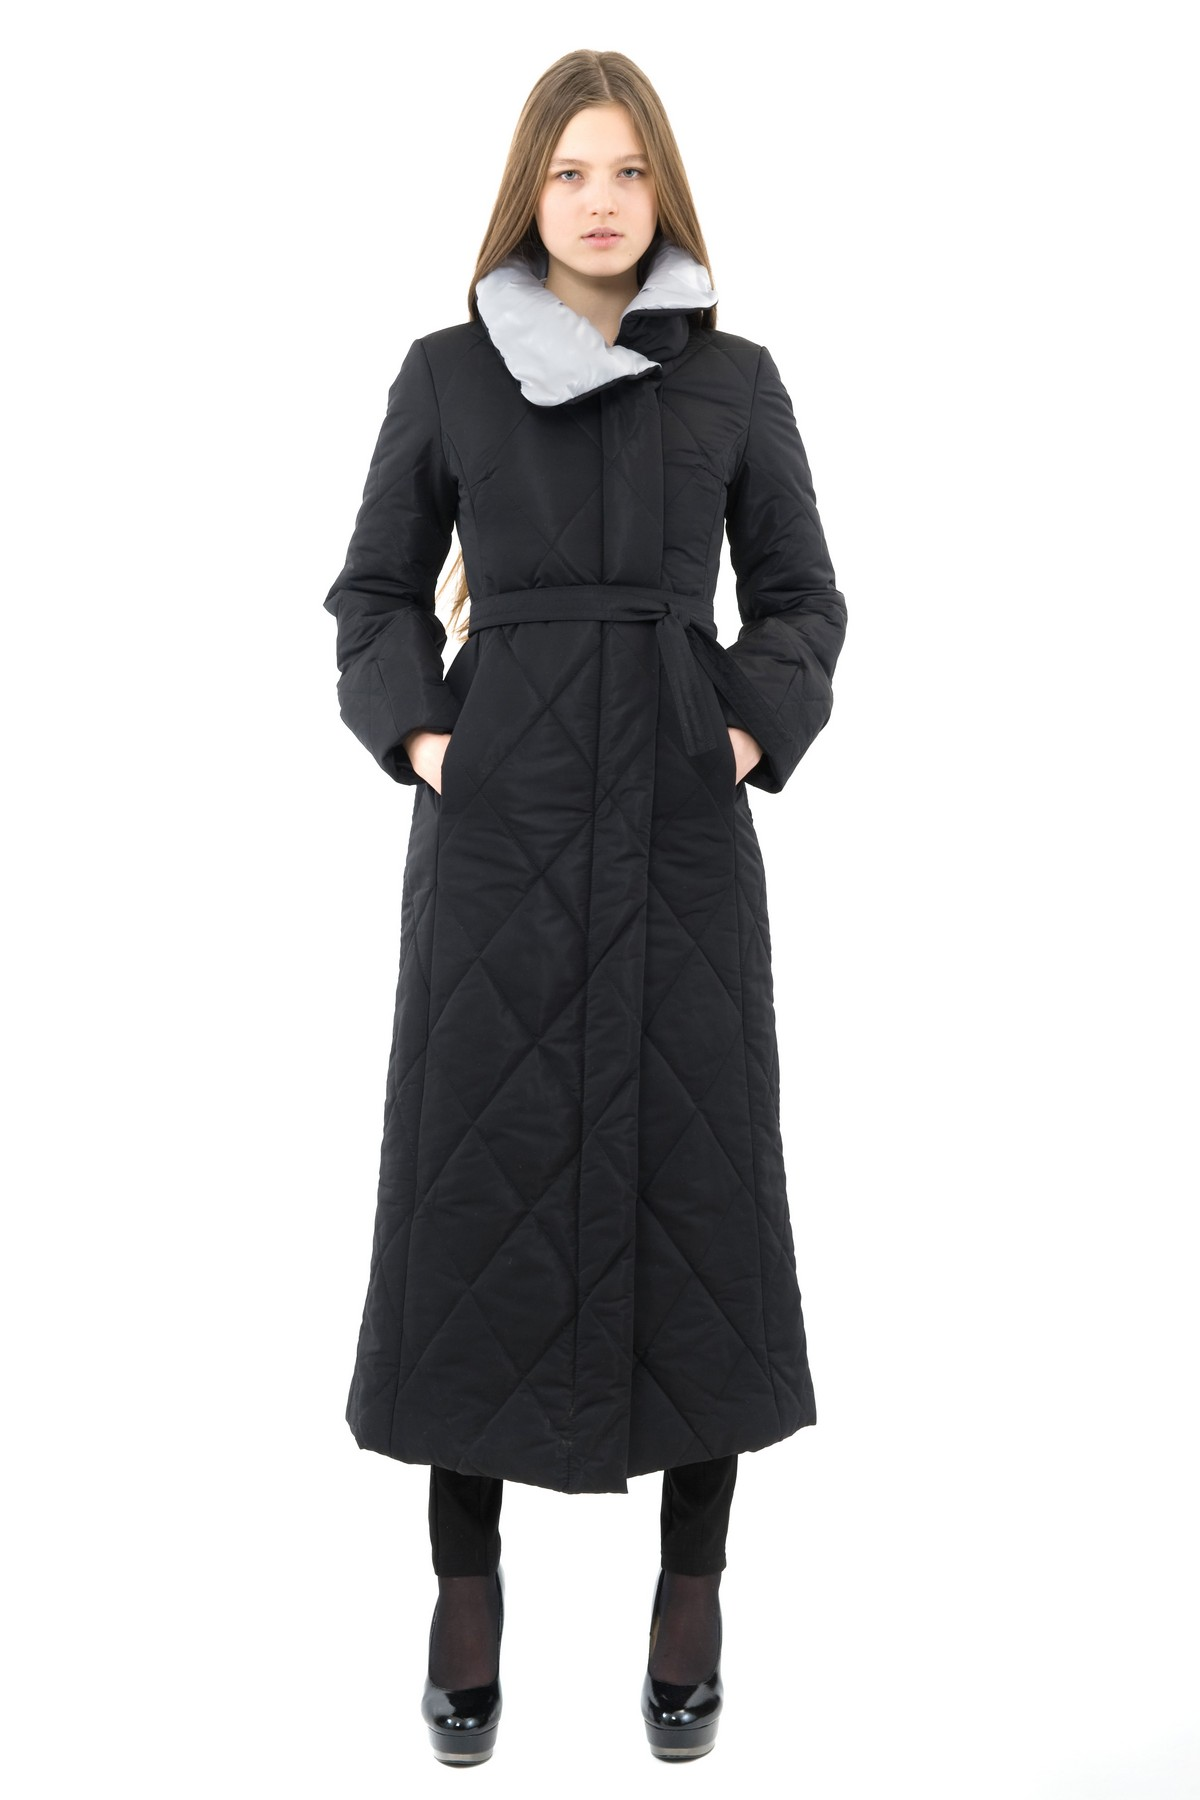 ПальтоЖенские куртки, плащи, пальто<br>Восхитительный вариант для тех, кто предпочитает стильные решения - элегантное пальто сдержанного модного дизайна, который подчеркнет Ваш безупречный вкус. Прекрасный вариант для создания элегантного образа.<br><br>Цвет: черный,серый<br>Состав: 100% полиэстер: подкладка - 100% полиэстер<br>Размер: 42,48,50<br>Страна дизайна: Россия<br>Страна производства: Россия